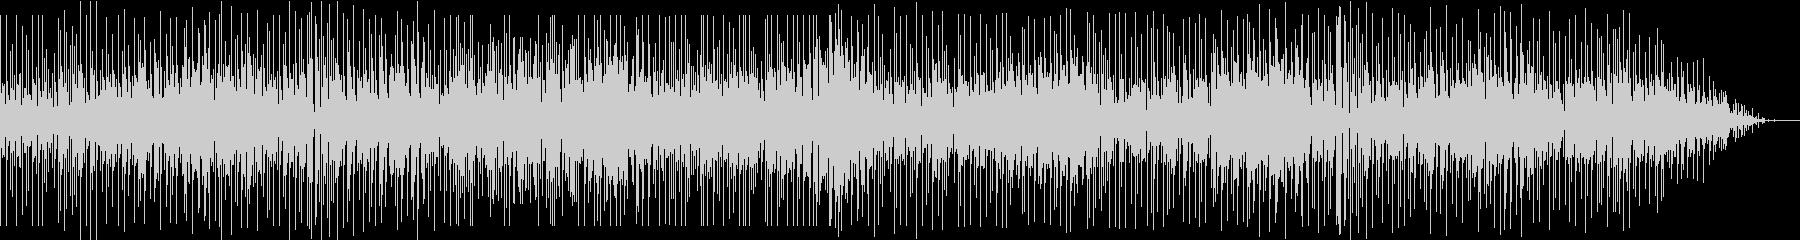 ソプラノサックスのお洒落なフュージョンの未再生の波形